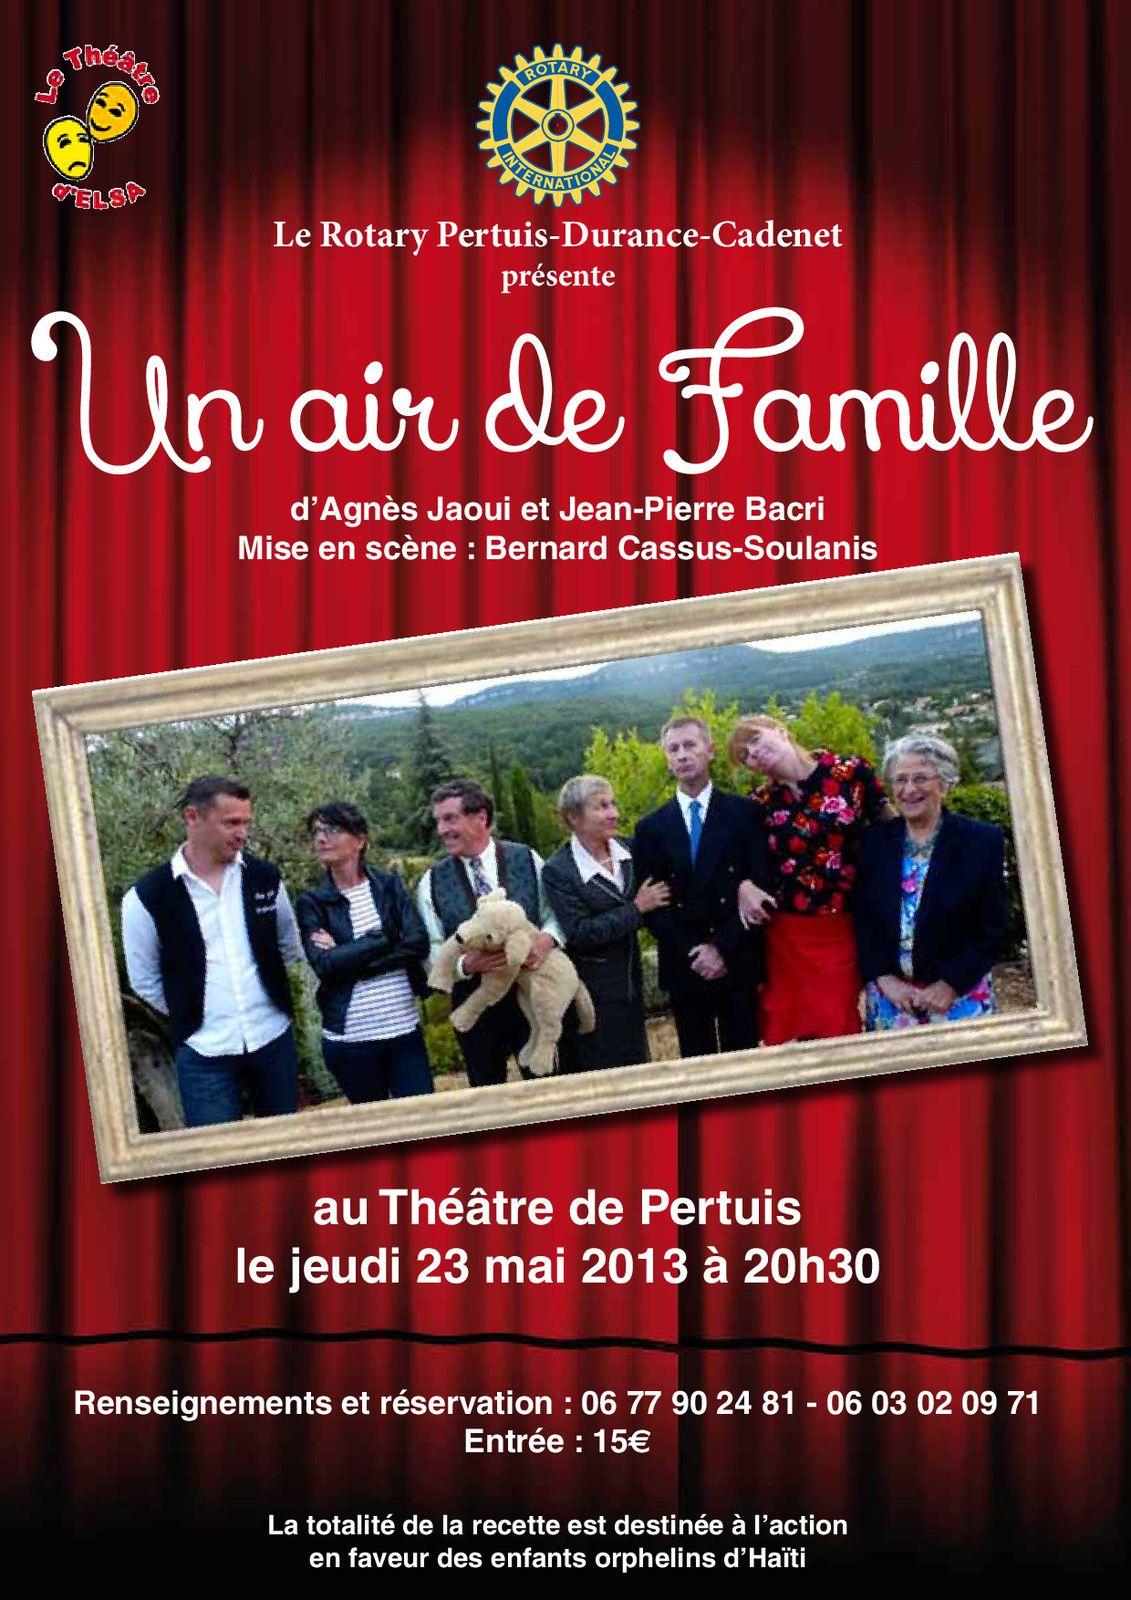 L'affiche pour la représentation de Pertuis le 23 mai